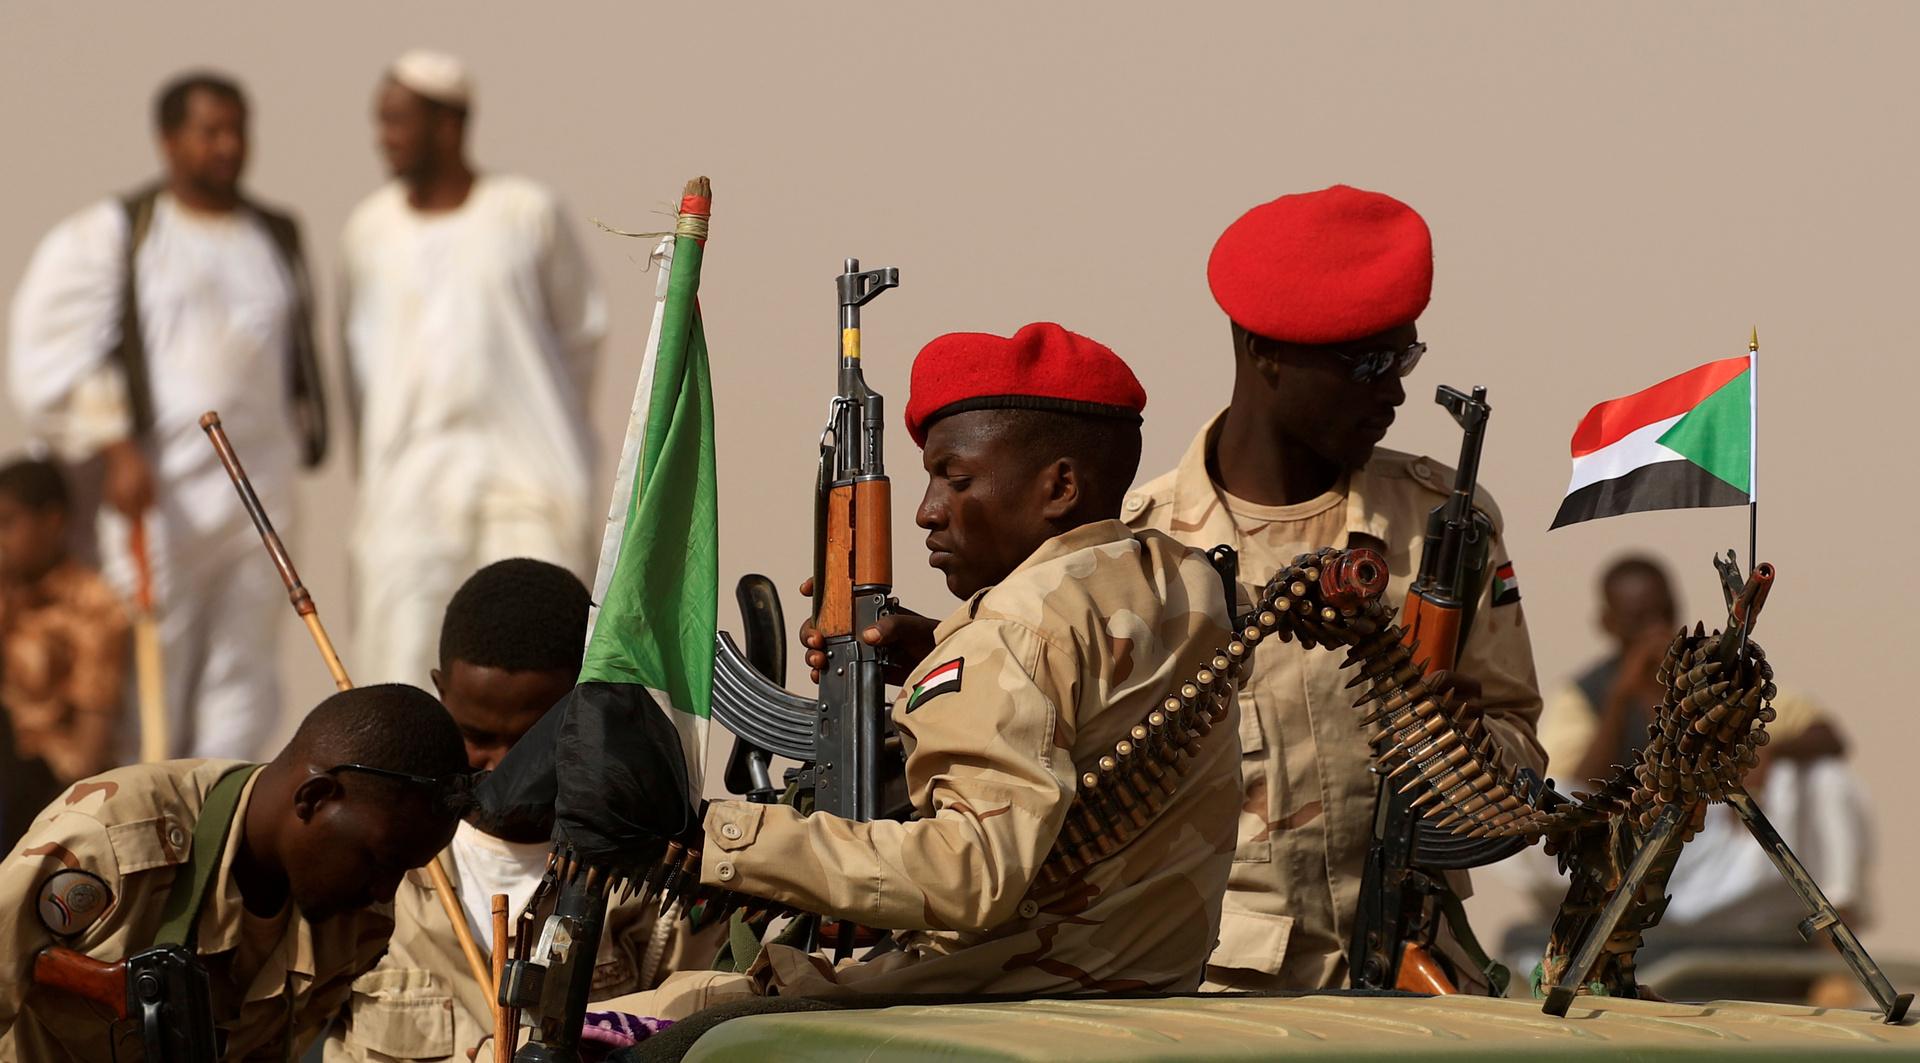 الجيش السوداني: الوضع هادئ عند الحدود مع إثيوبيا وقواتنا تنتظر أي تعليمات من القيادة